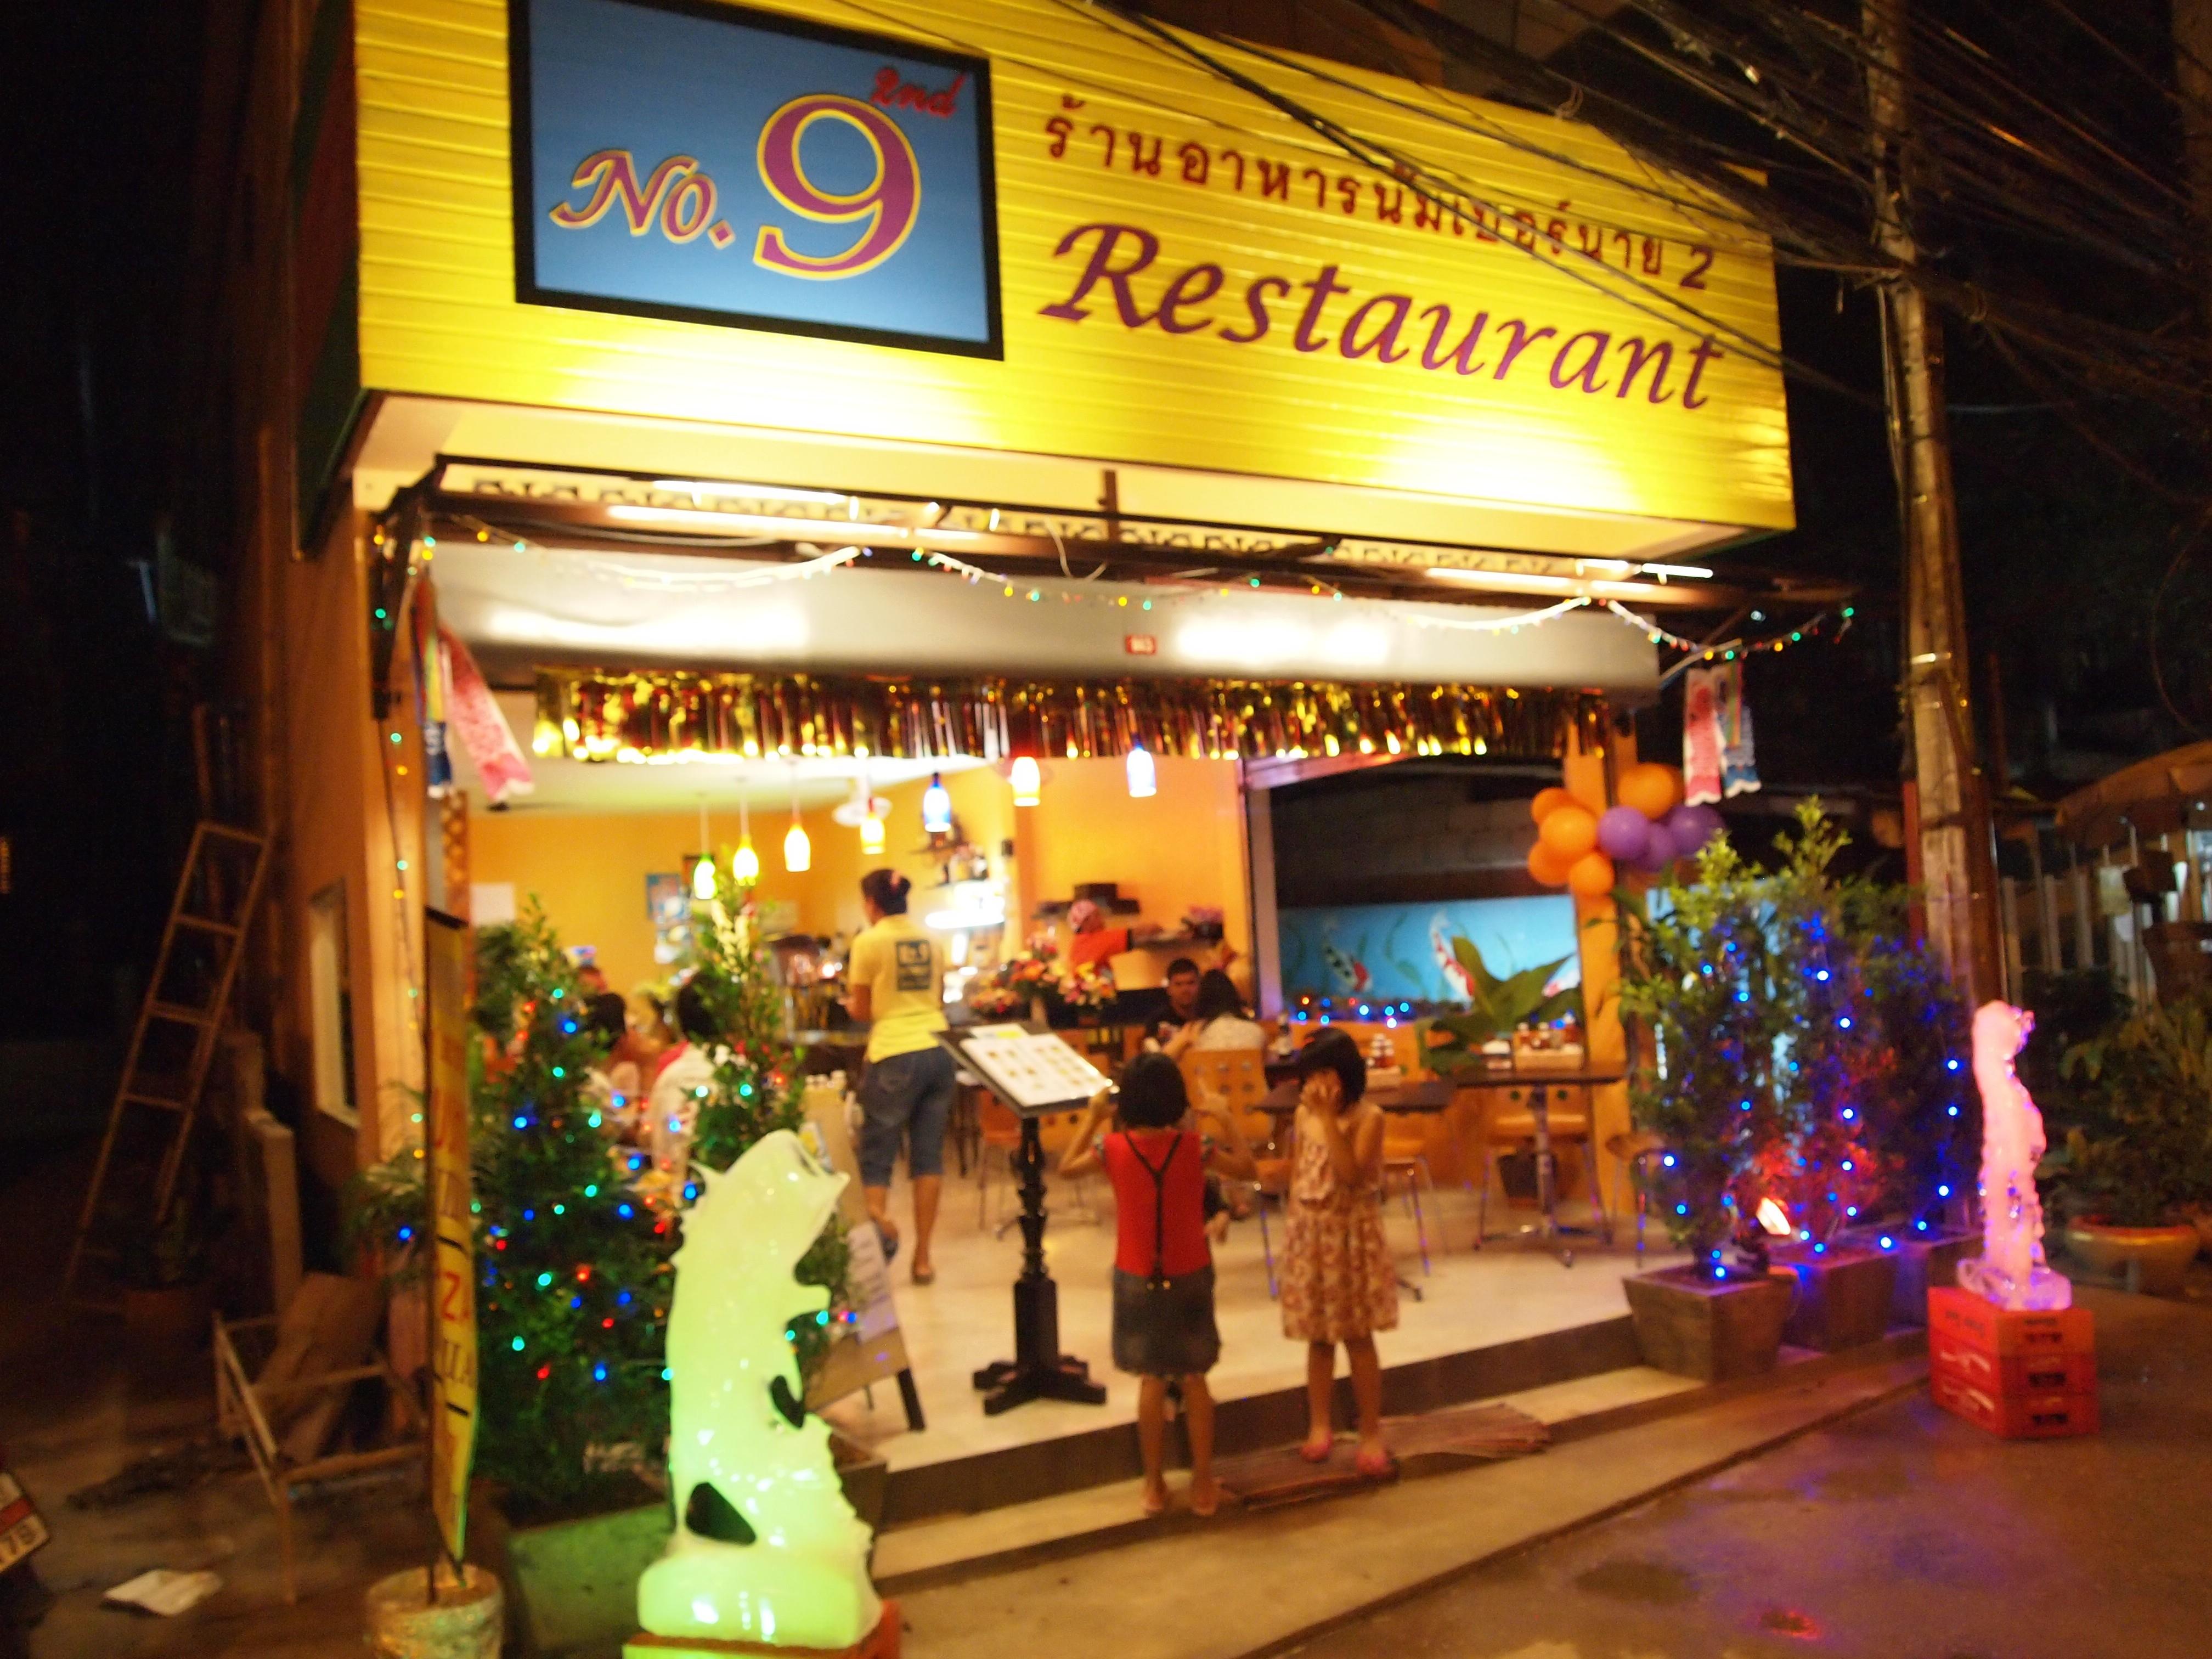 رستوران نامبر 9 سکند